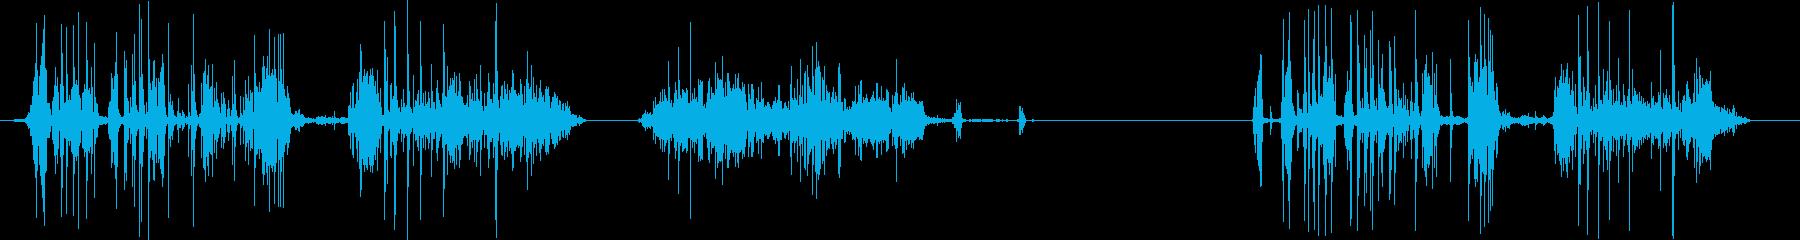 フィクション 電力装置 スパーク13の再生済みの波形